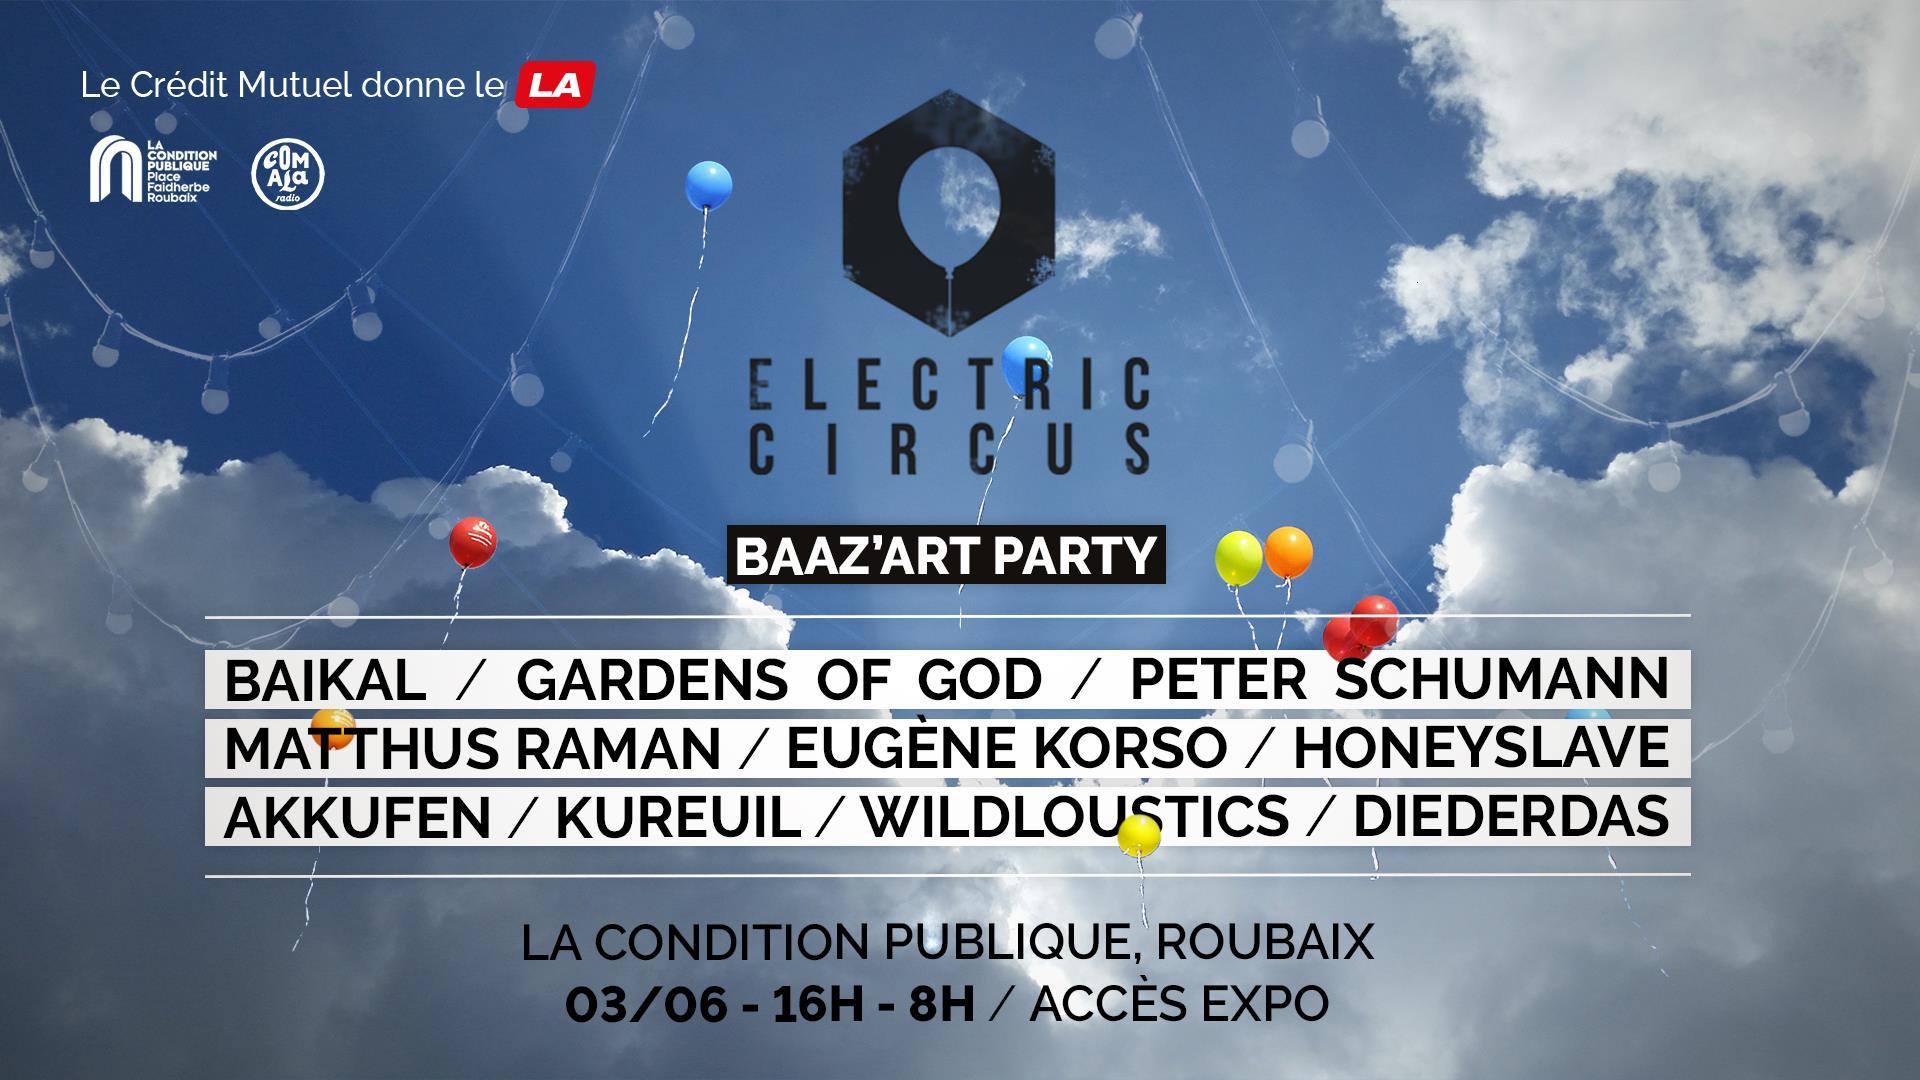 Baaz'art Party – Electric Circus